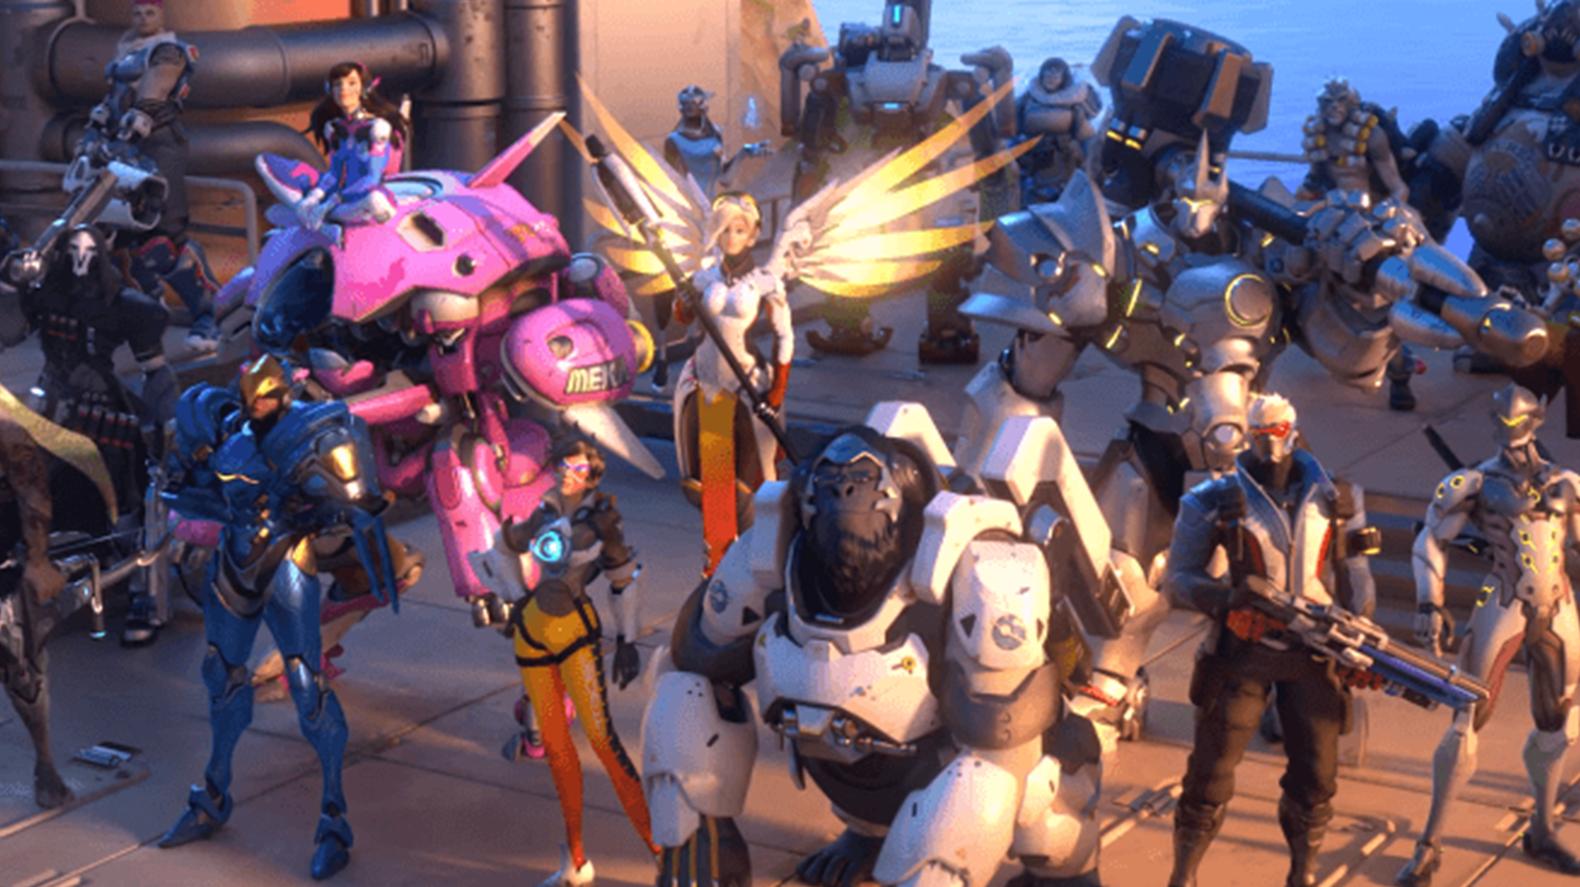 Overwatch heroes posing